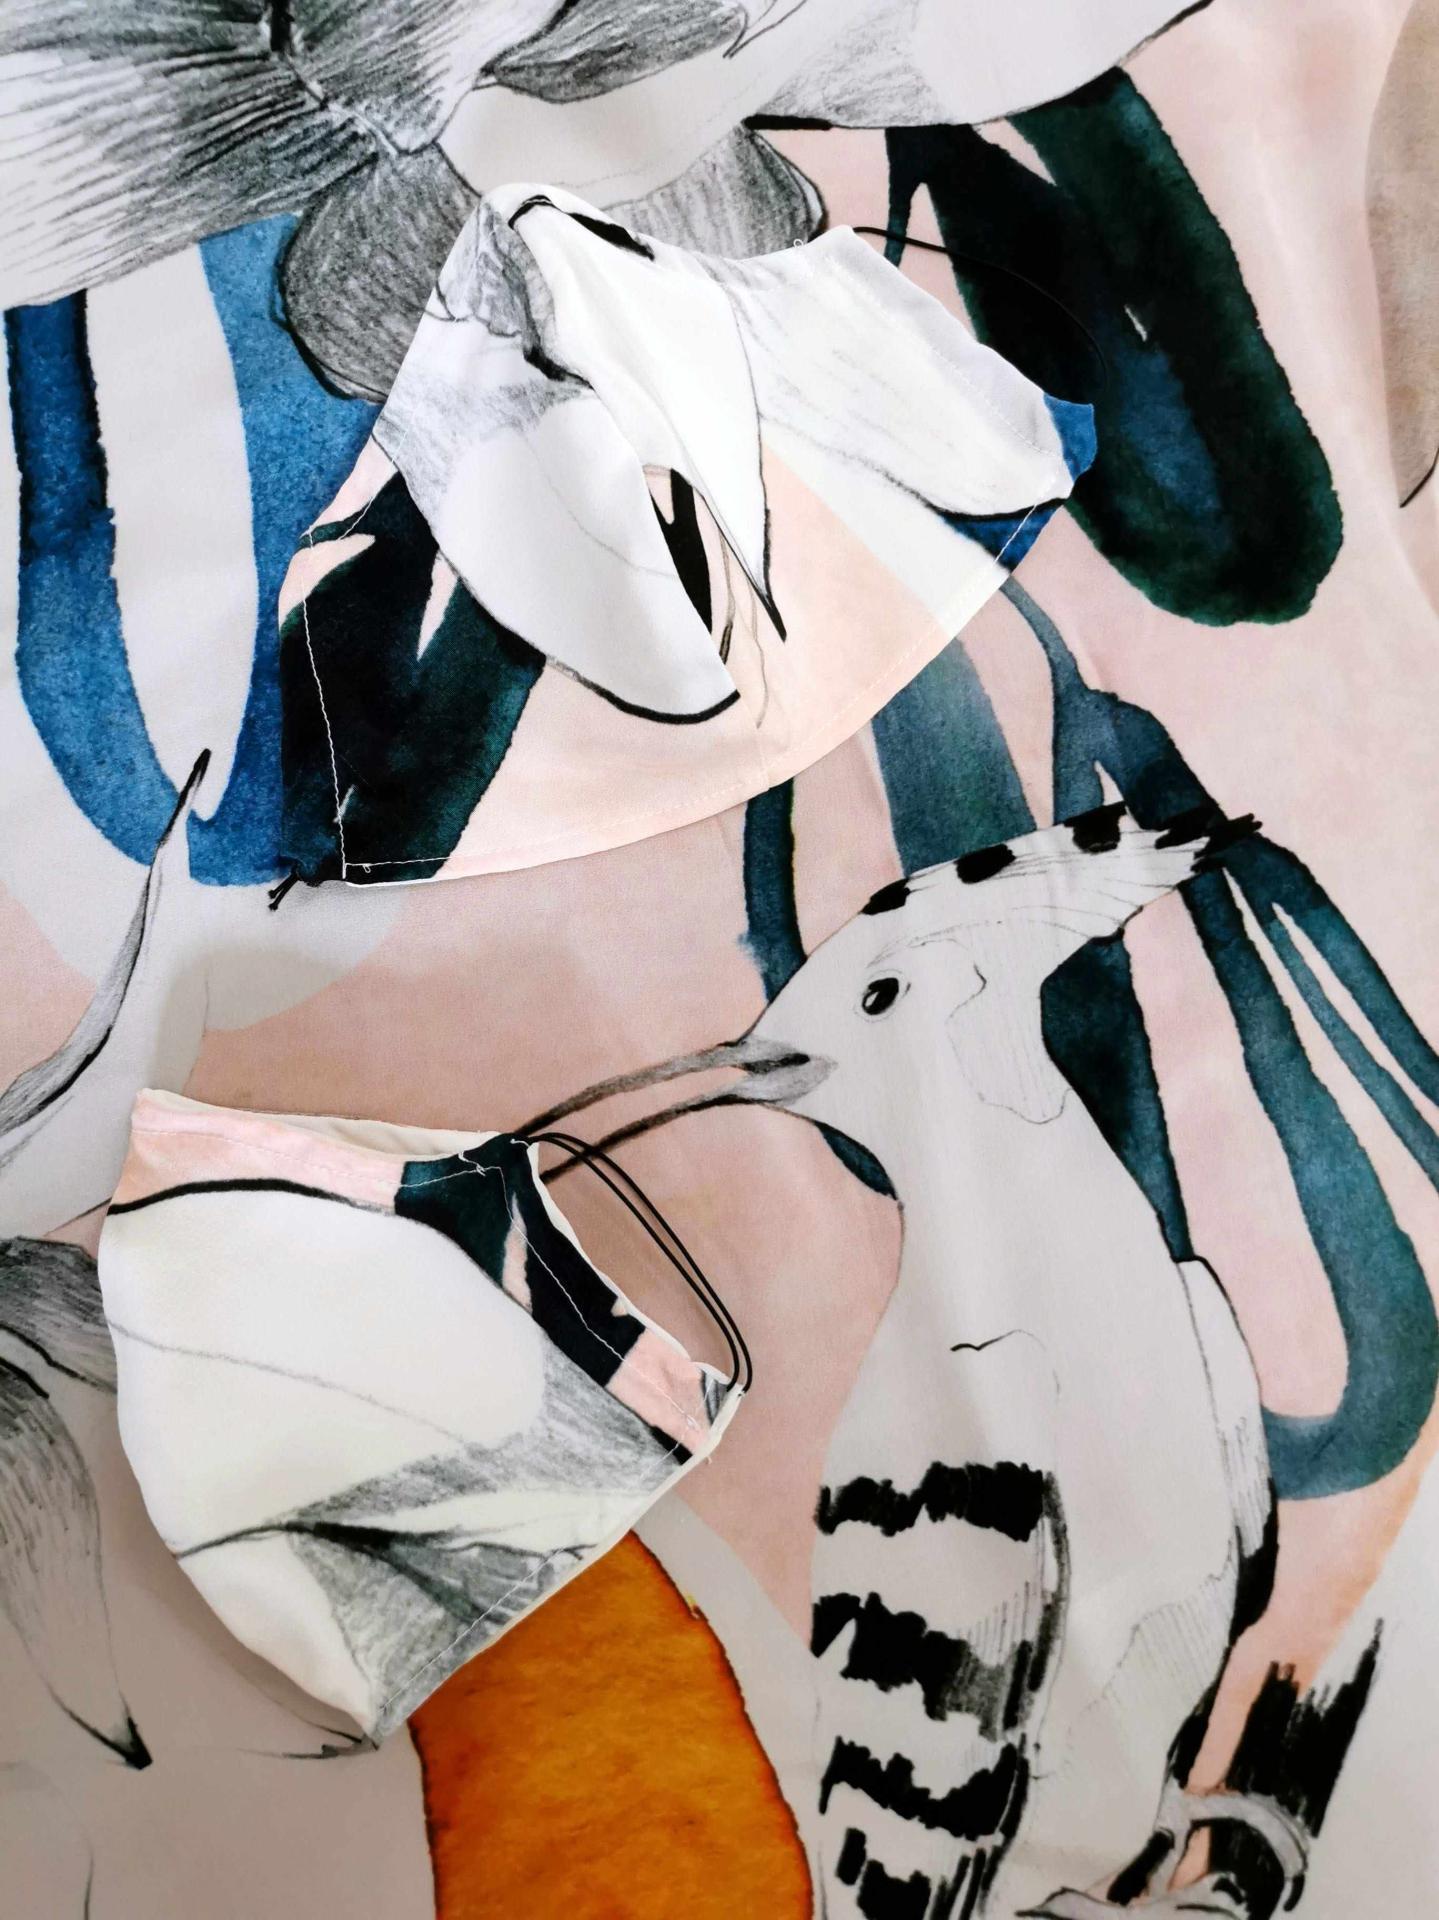 Seidenmasken illustriert von Ekaterina Koroleva